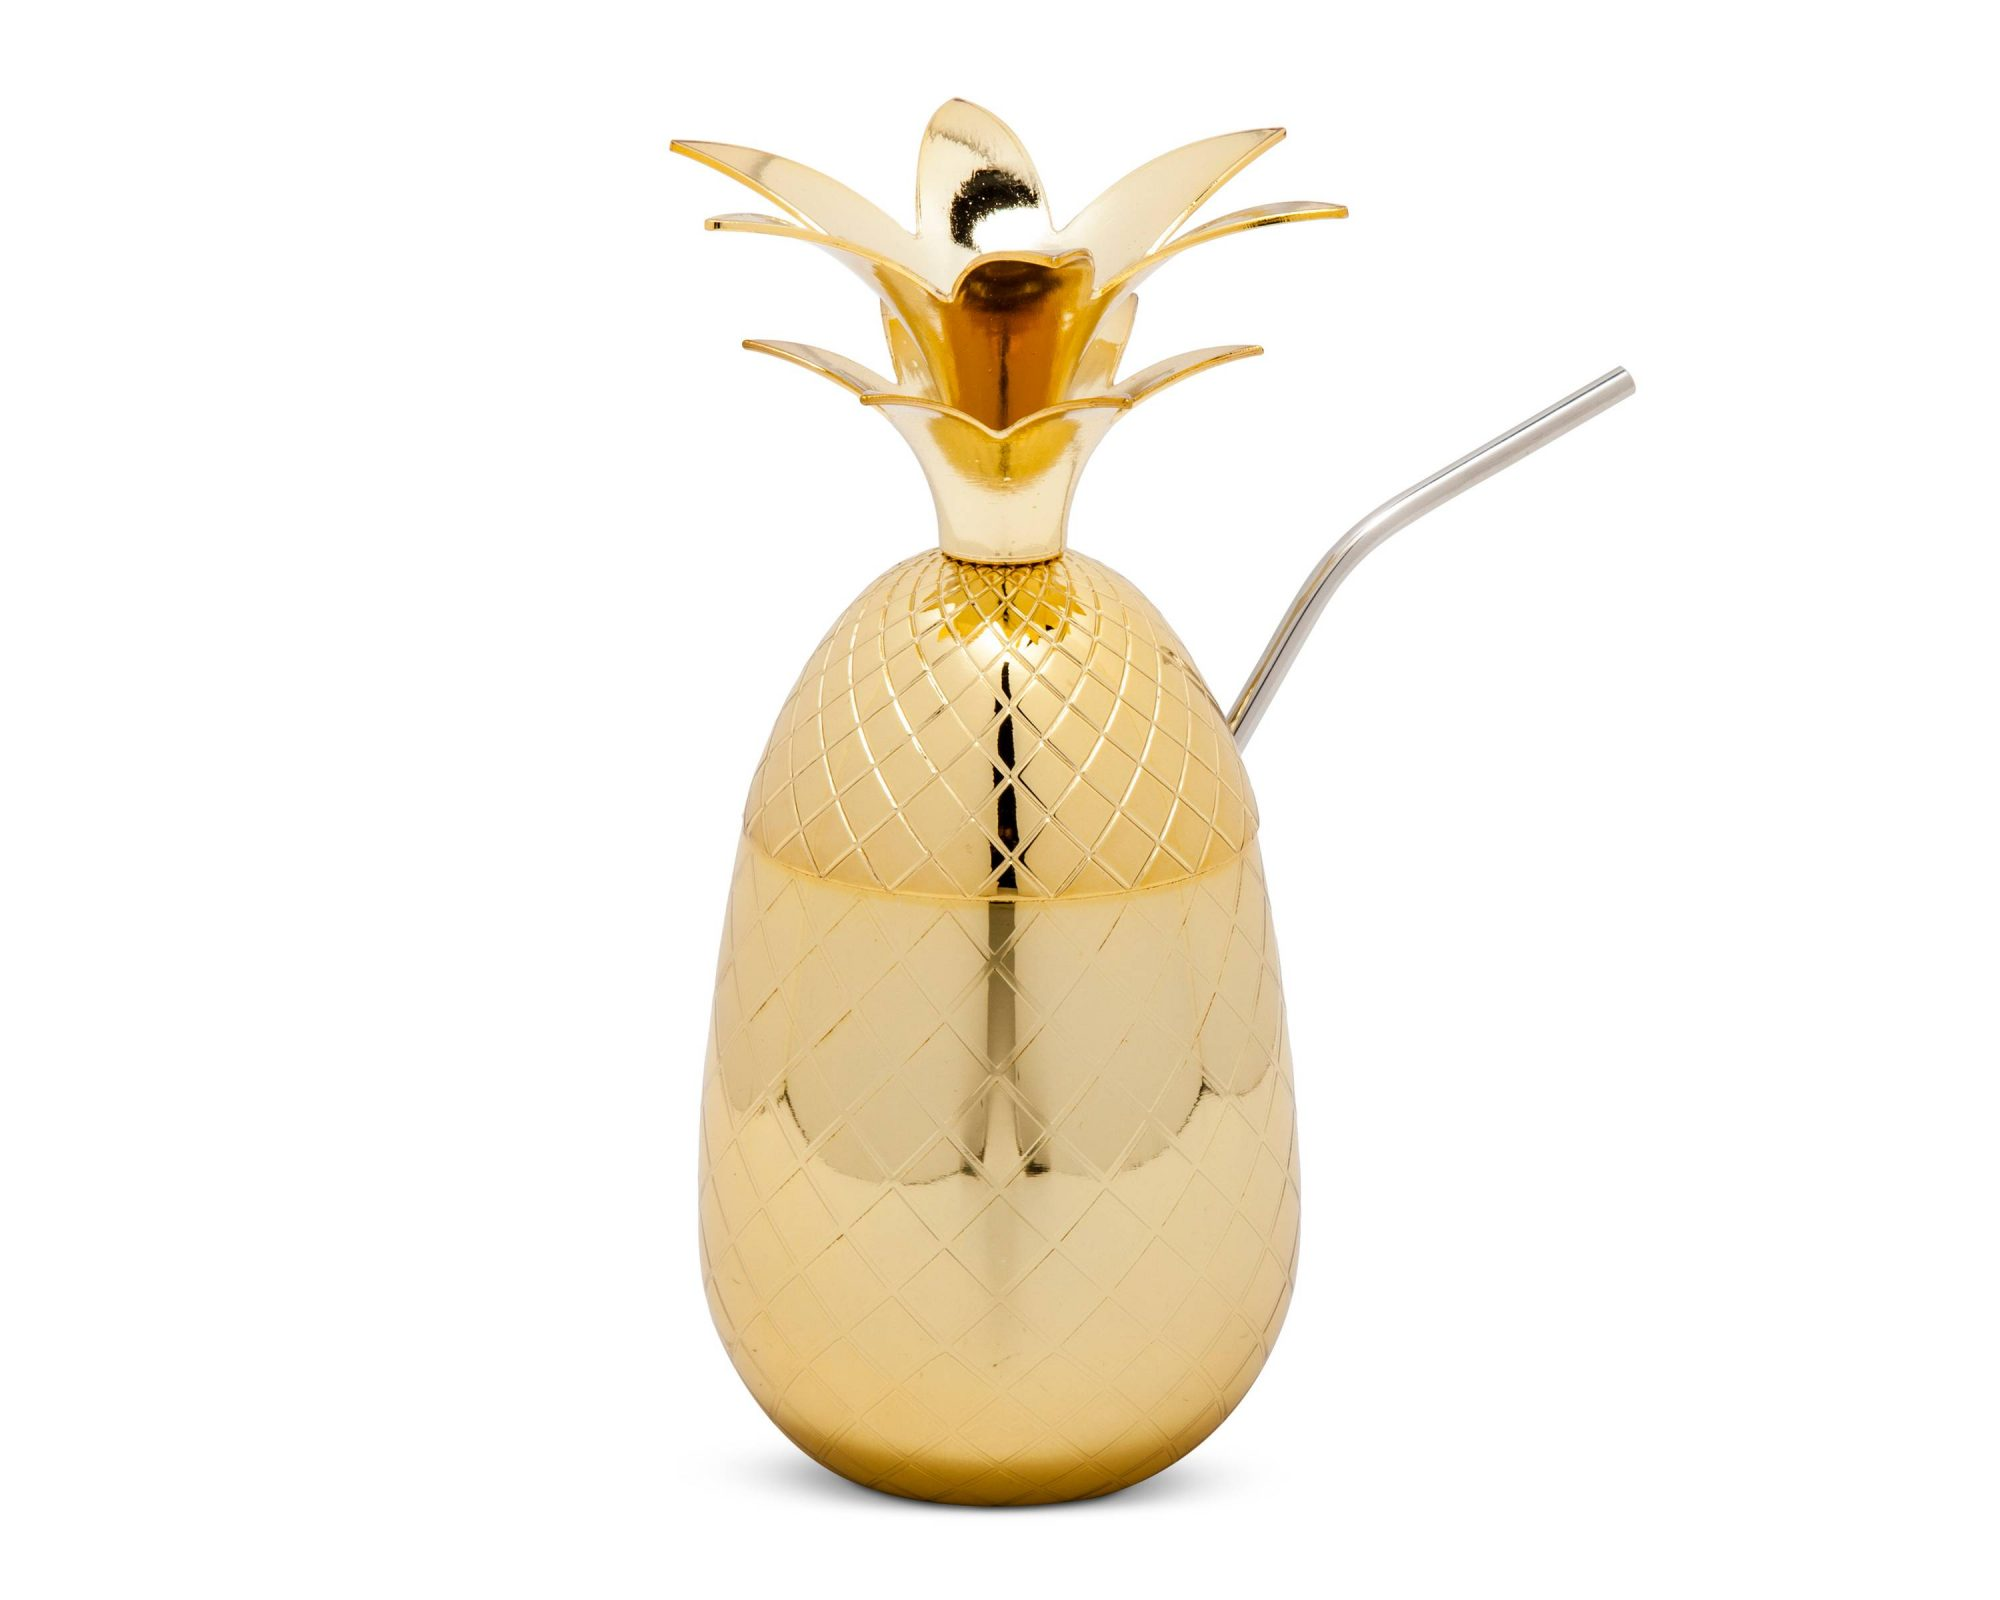 Golden Pineapple Tumbler